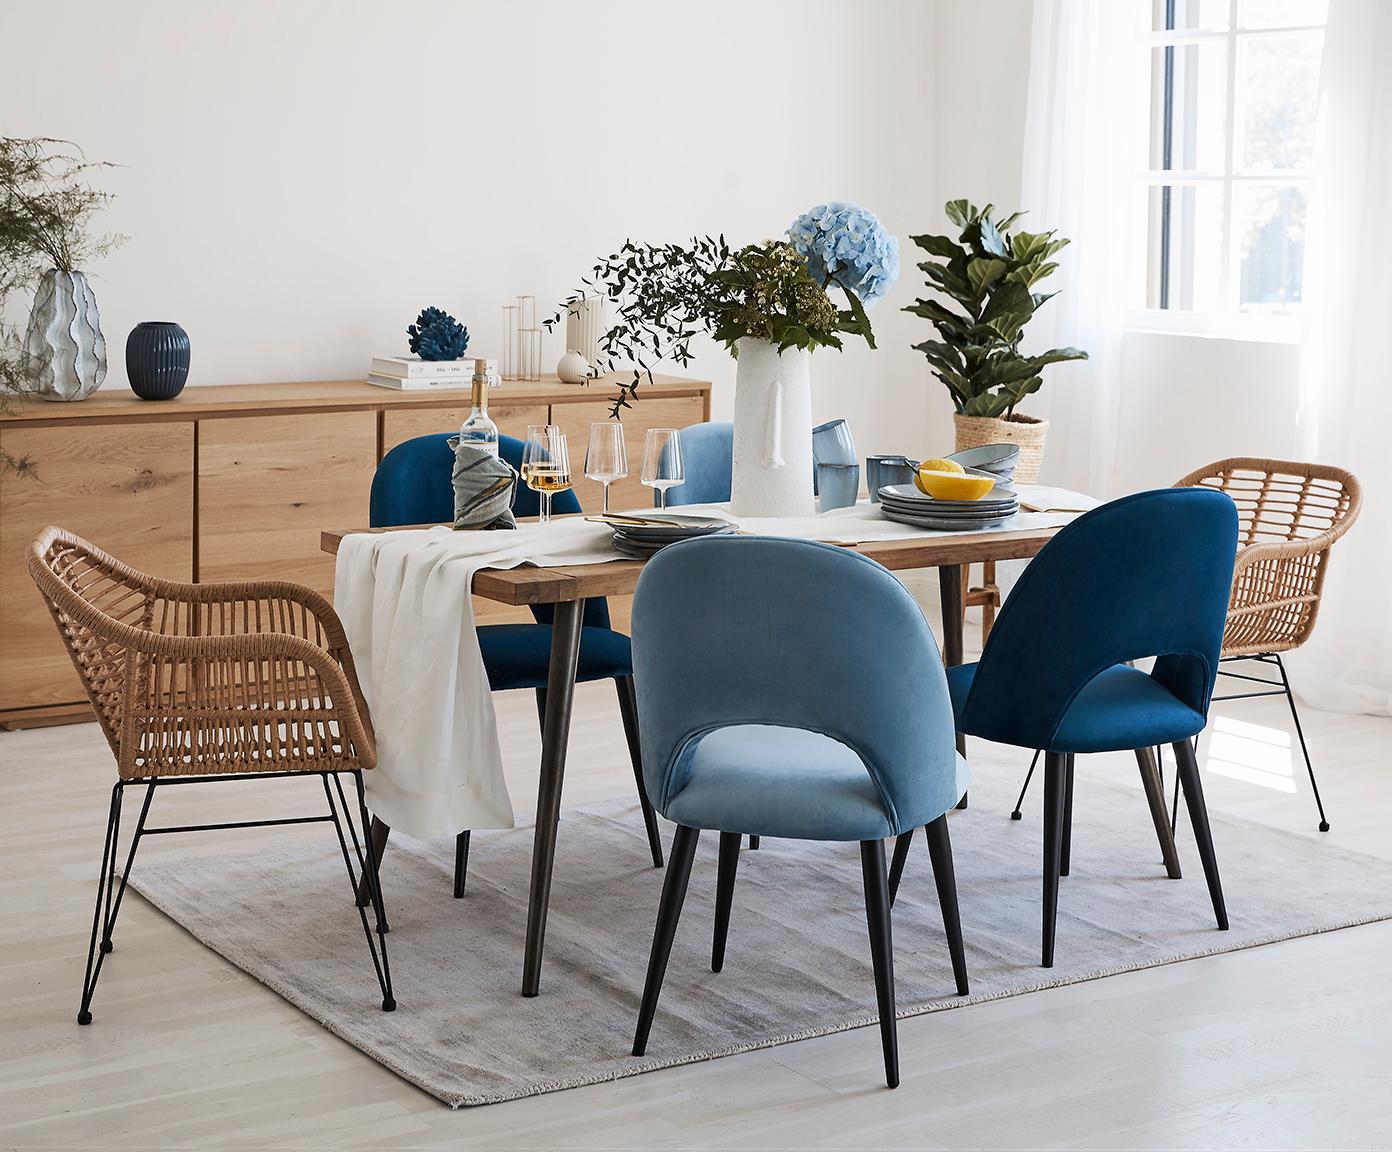 Fluwelen stoel Rachel, Bekleding: fluweel (hoogwaardige pol, Poten: gepoedercoat metaal, Donkerblauw, B 53 x D 57 cm